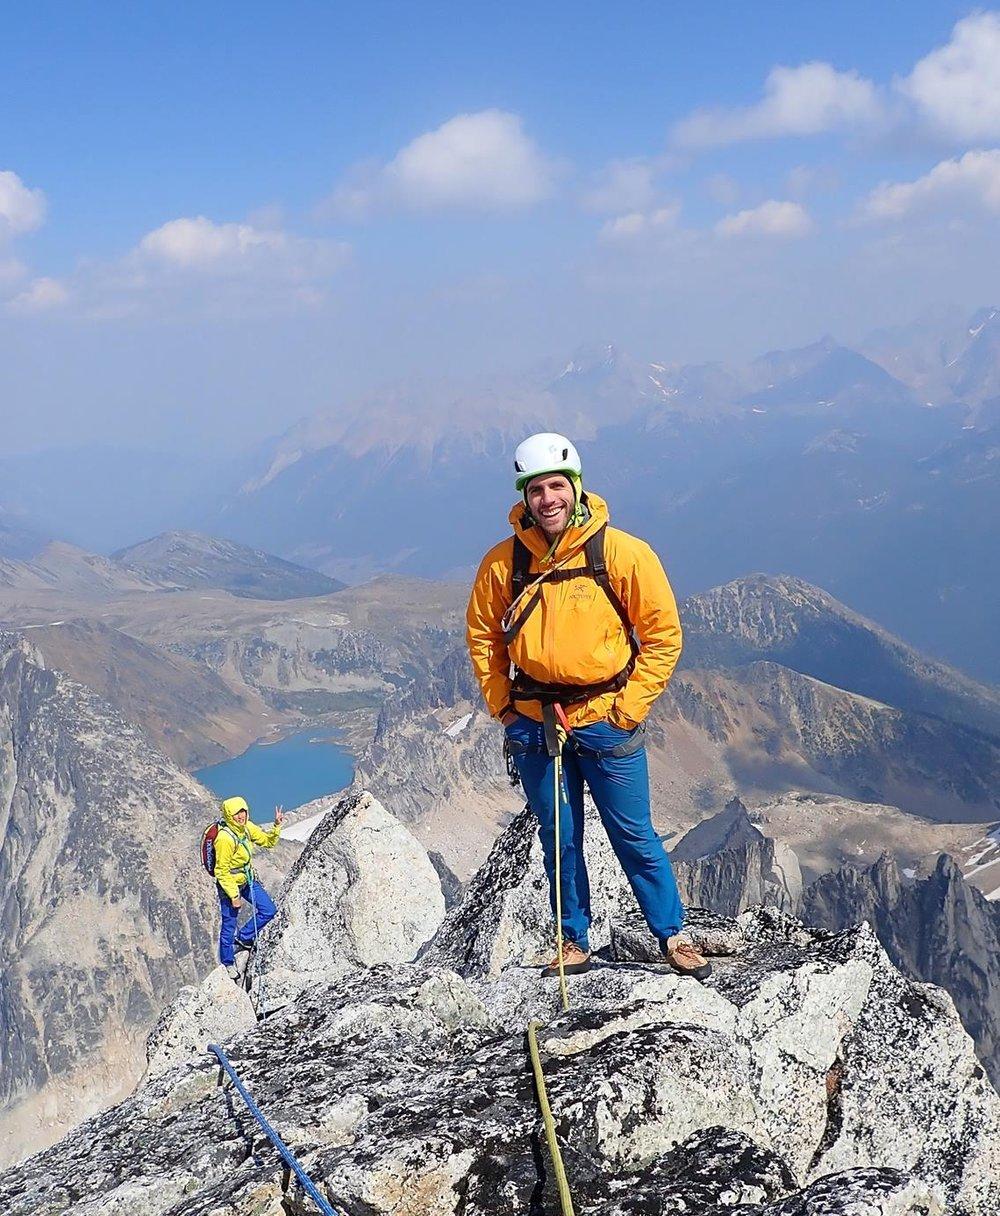 dan climbing.jpg